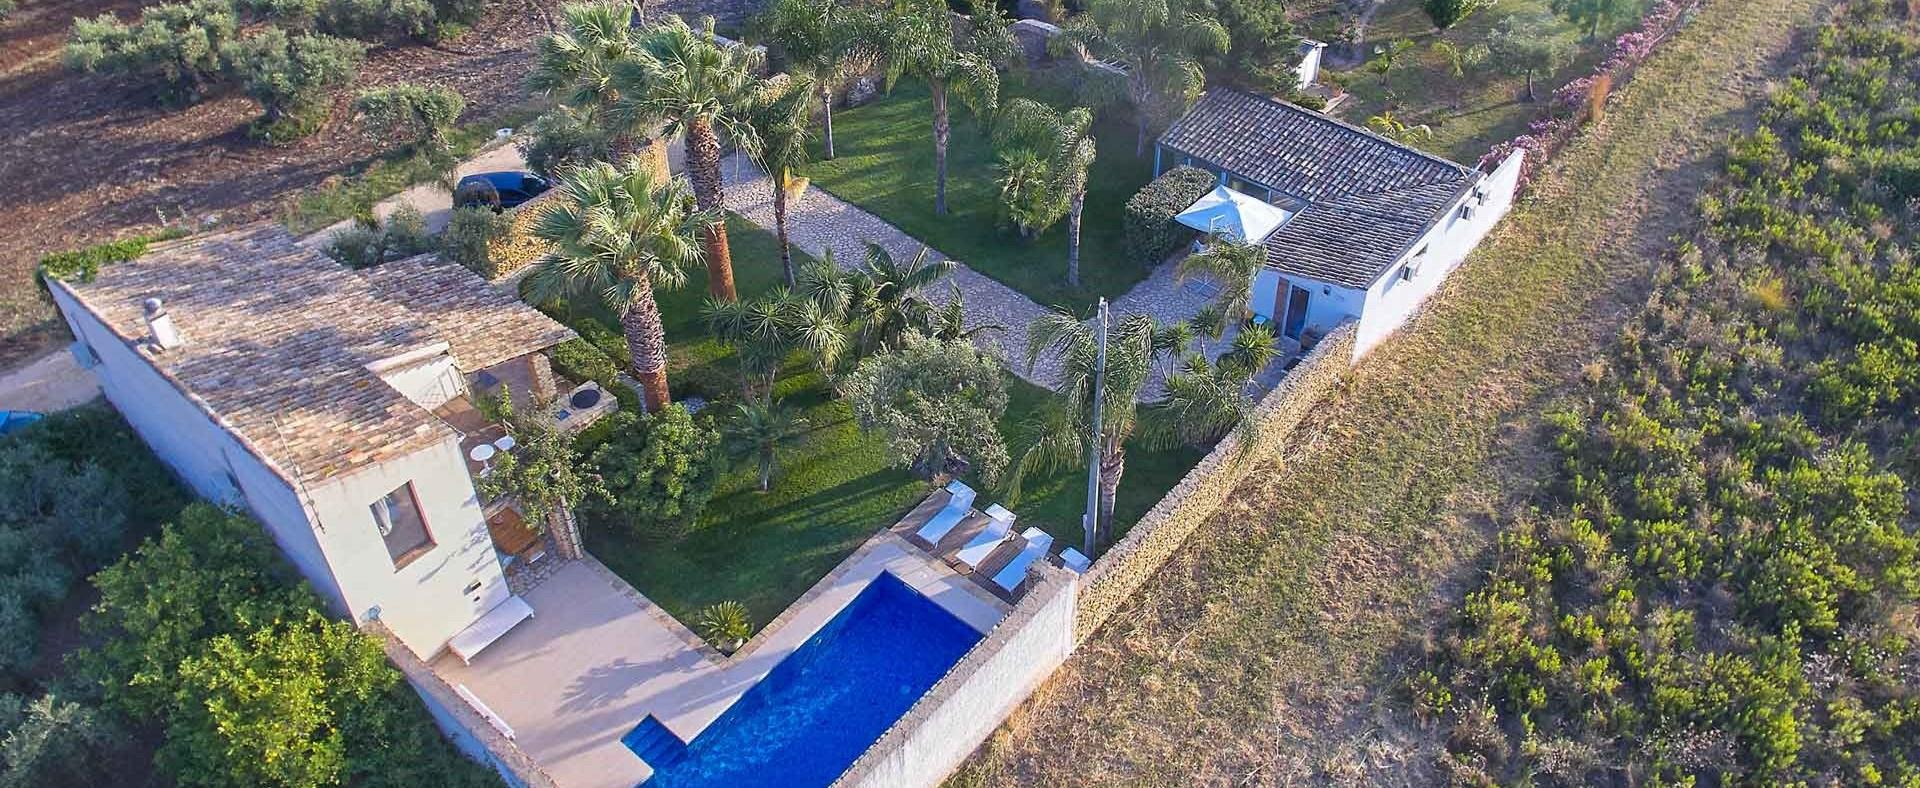 villa-selinunte-sicily-aerial-view